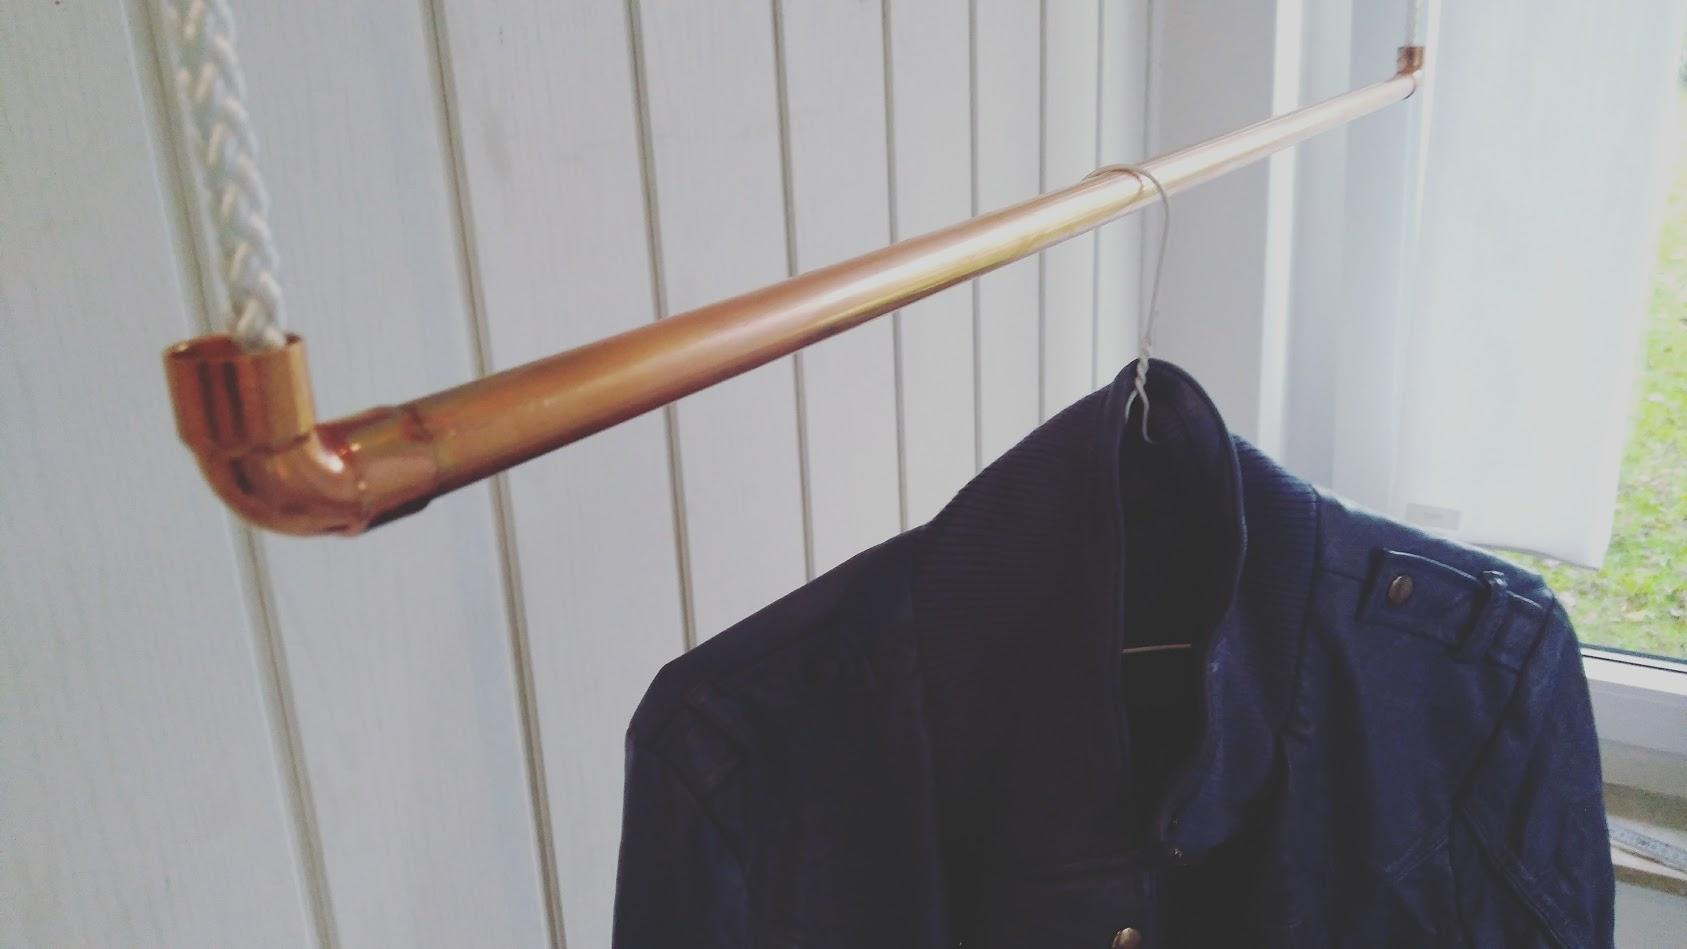 70 cm Premium Design Kleiderstange, Garderobenstange, aus Kupfer und Baumwollseil (weiß) hängend, De